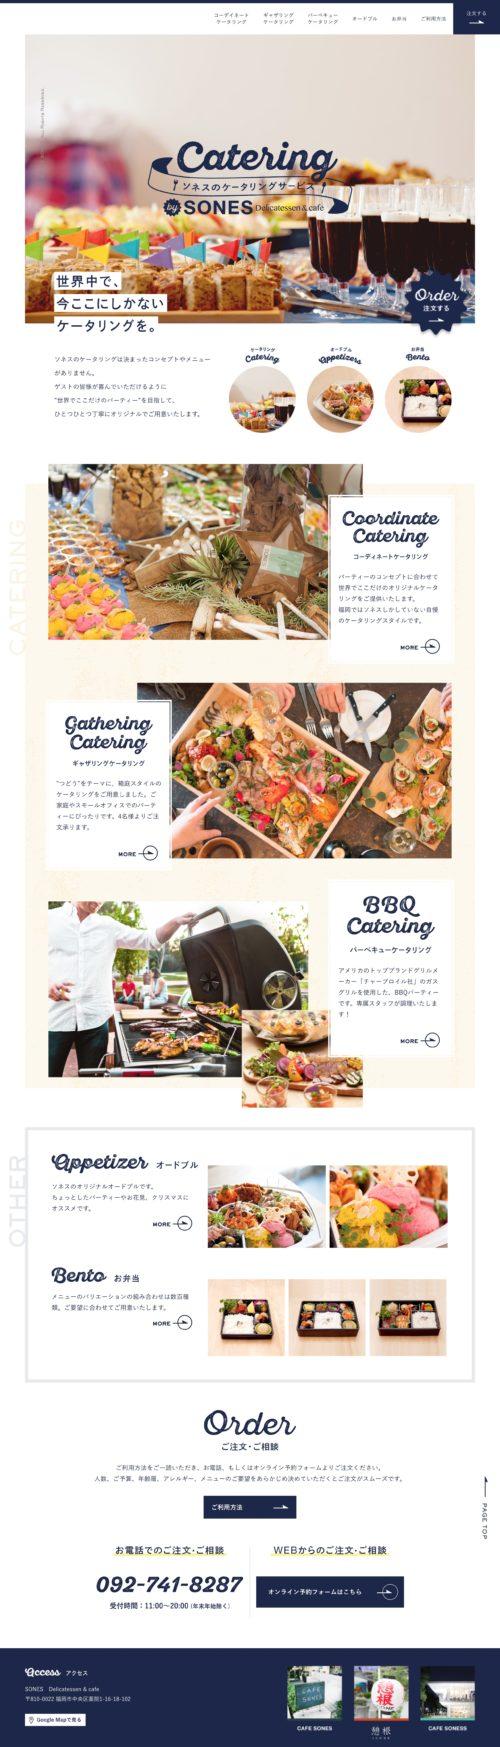 screencapture-sones-cc-catering-2018-05-02-10_44_40